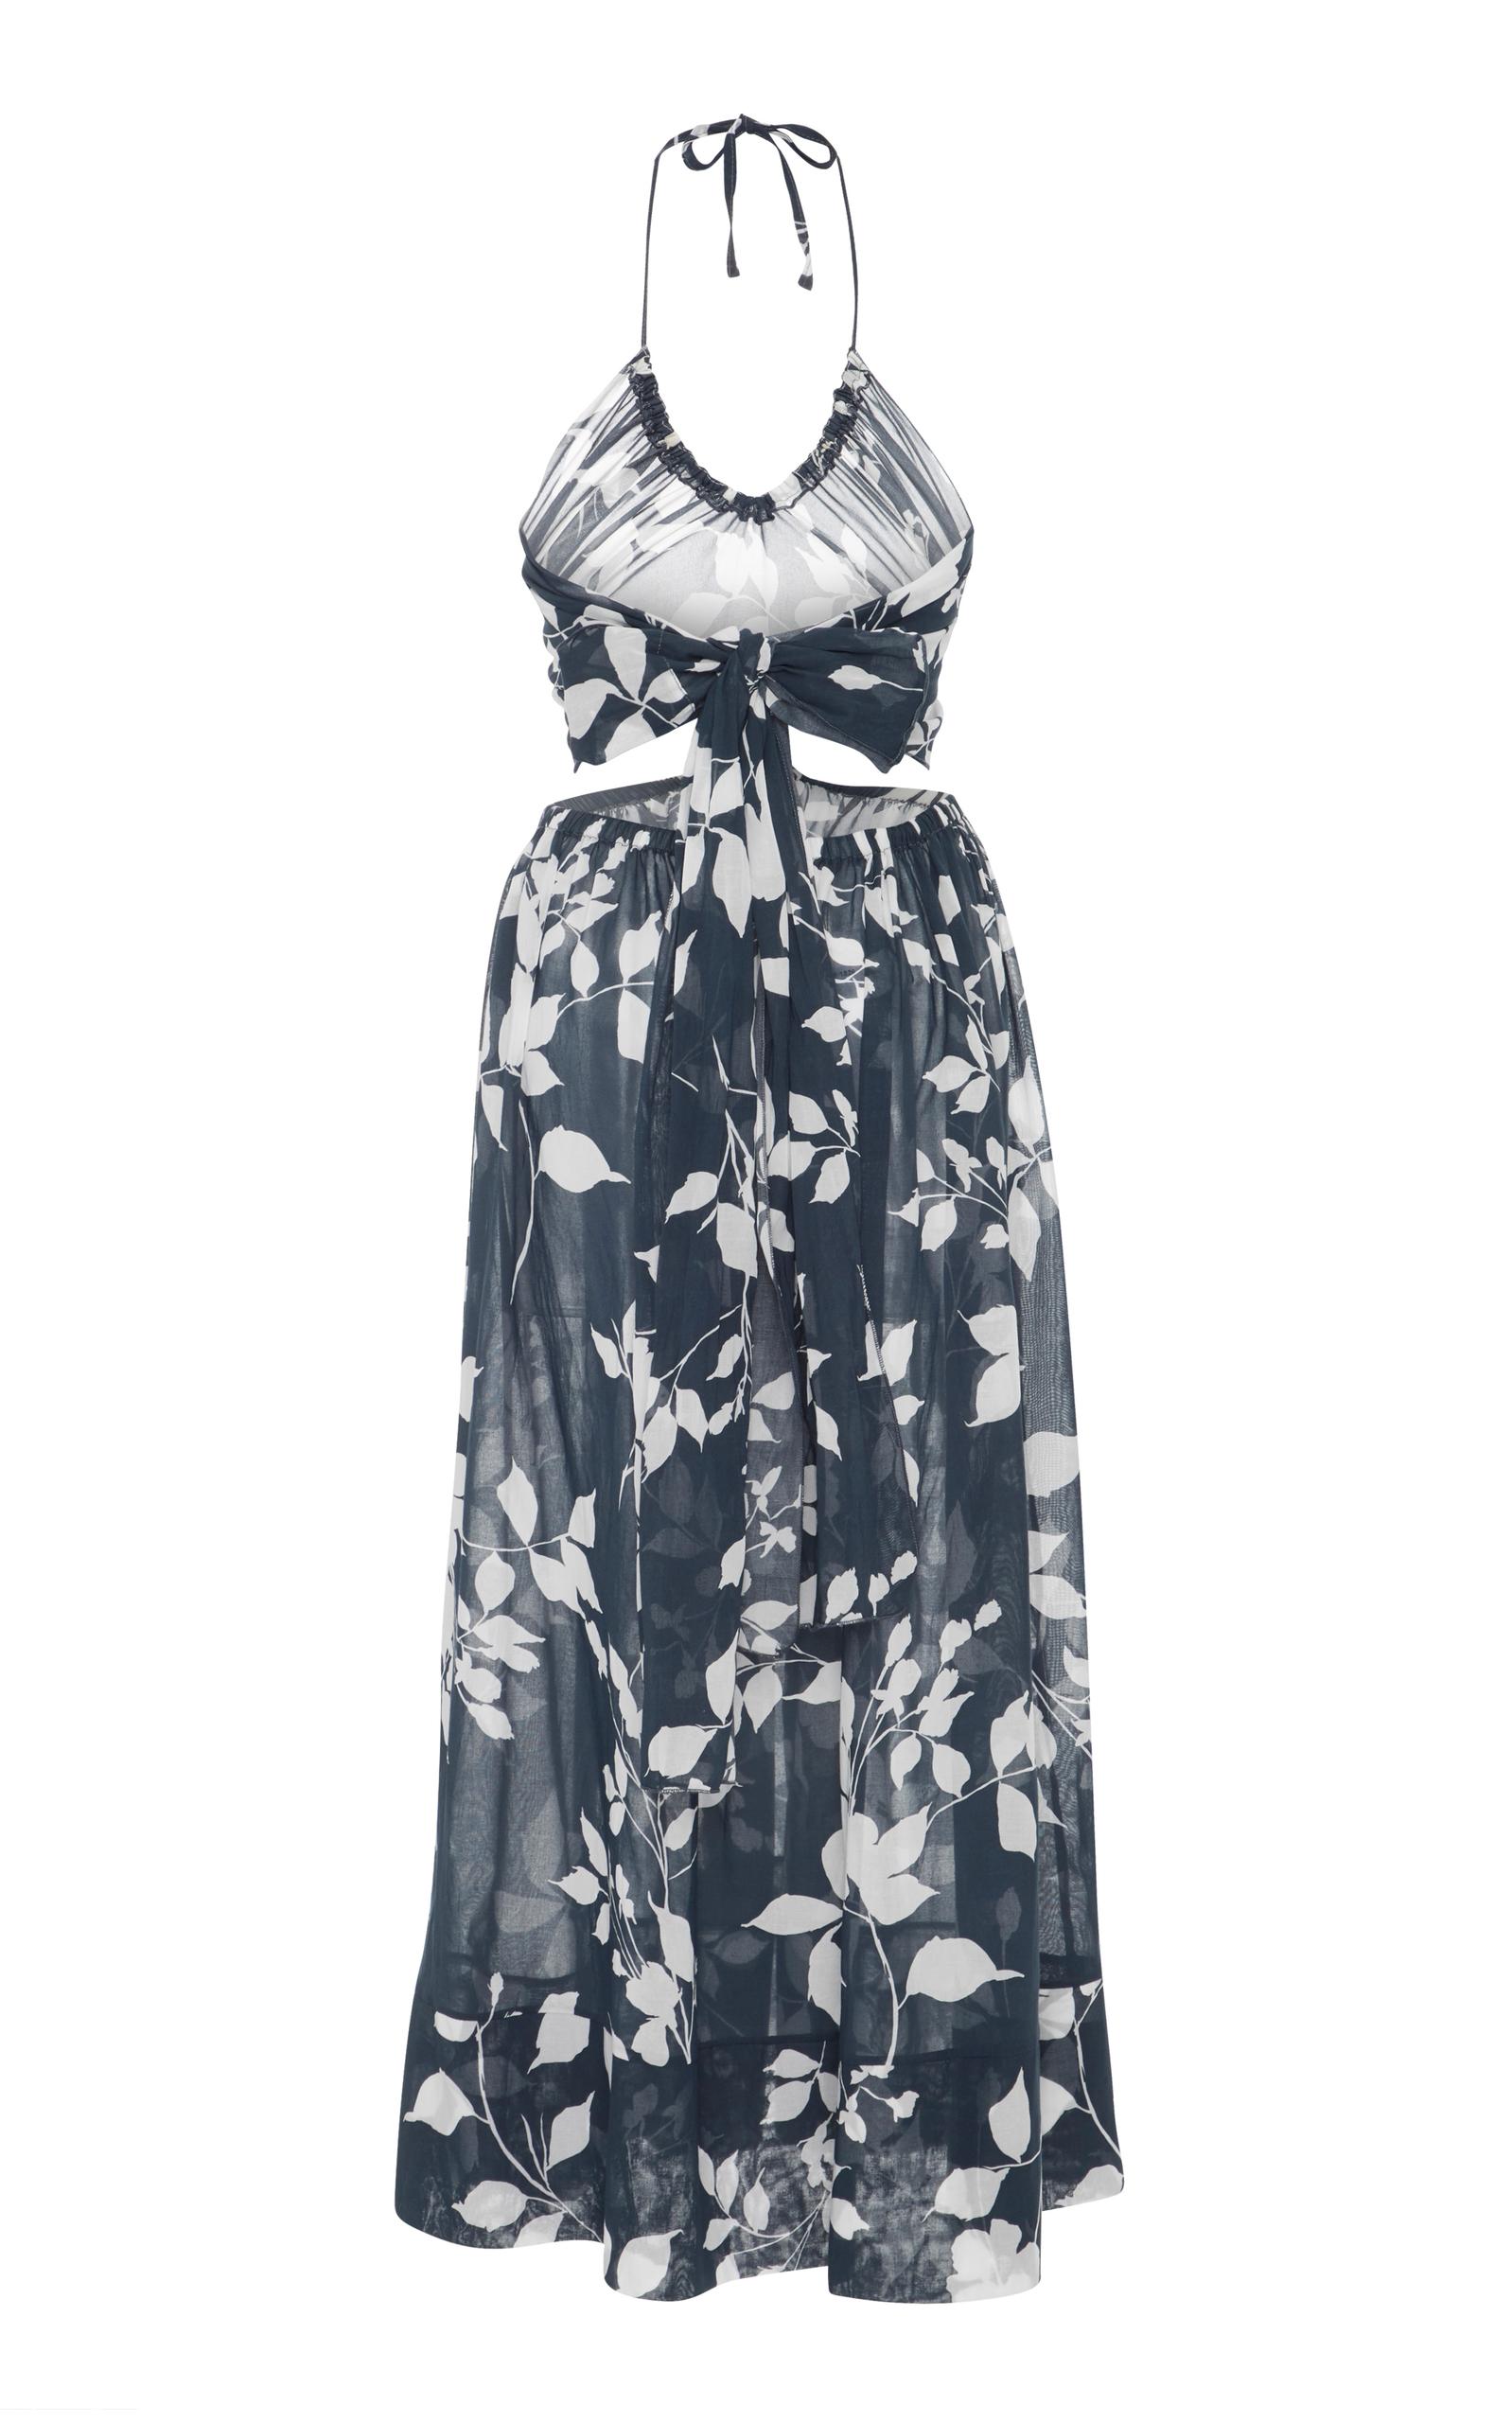 Ruched Floral Midi Dress Lila.Eug ZRh4IyYUbF